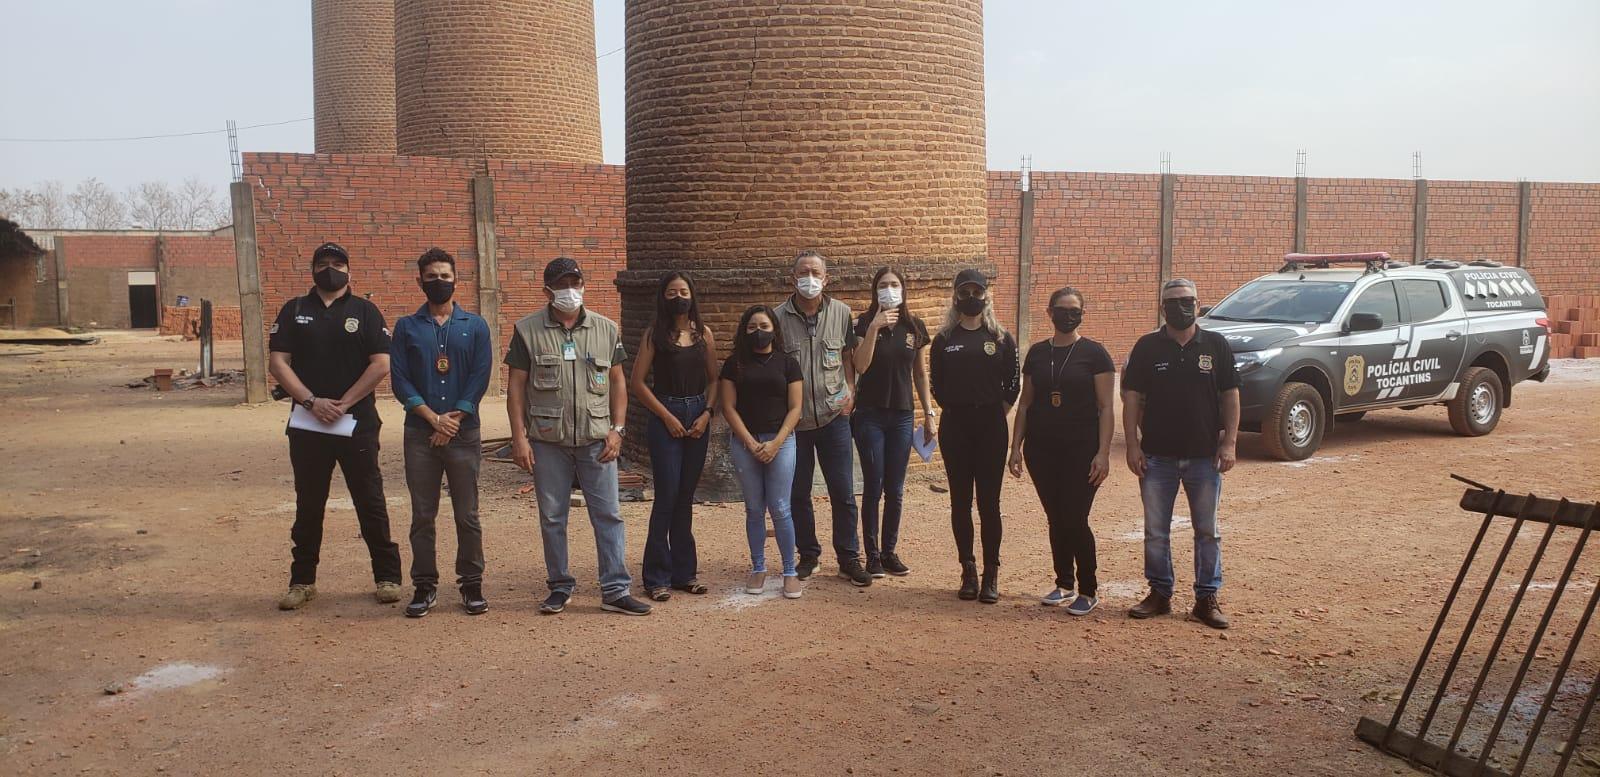 Polícia Civil incinera entorpecente apreendido em procedimentos relacionados a menores infratores em Paraíso do Tocantins